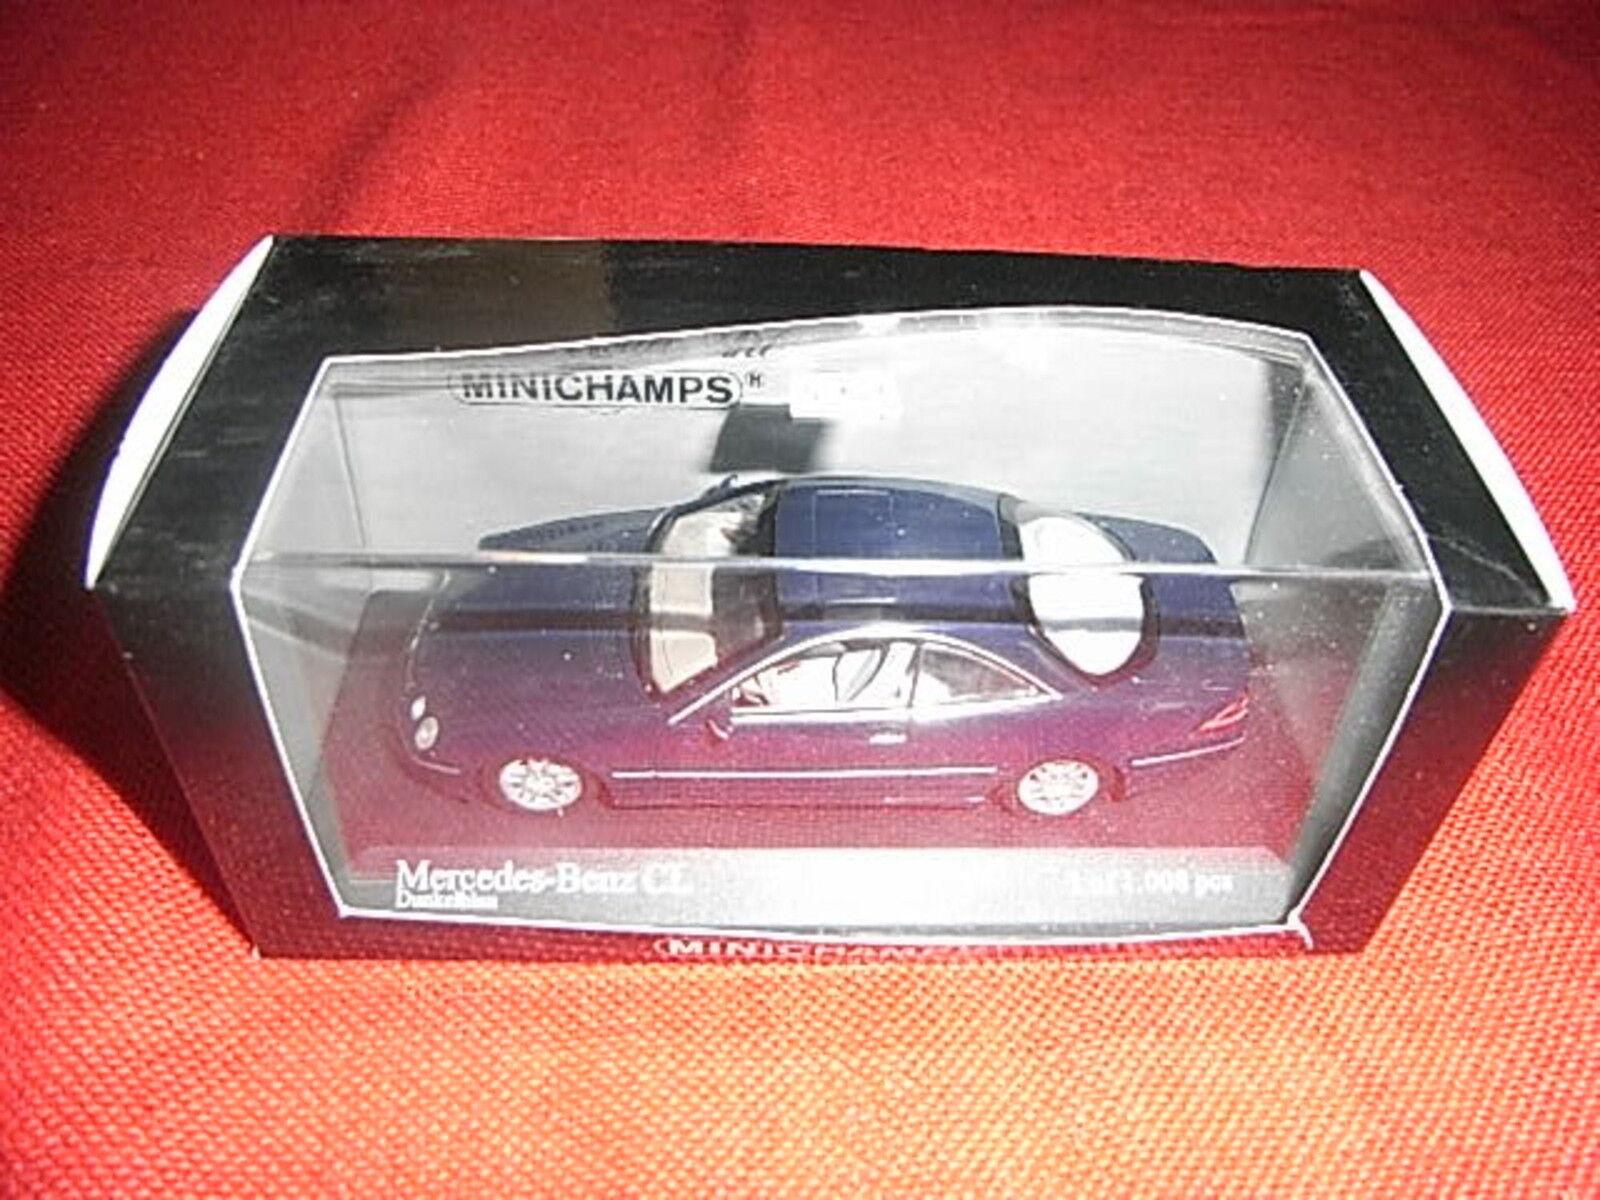 MINICHAMPS ® 430 038027 1 43 Mercedes-Benz CL Bleu Foncé Nouveau neuf dans sa boîte